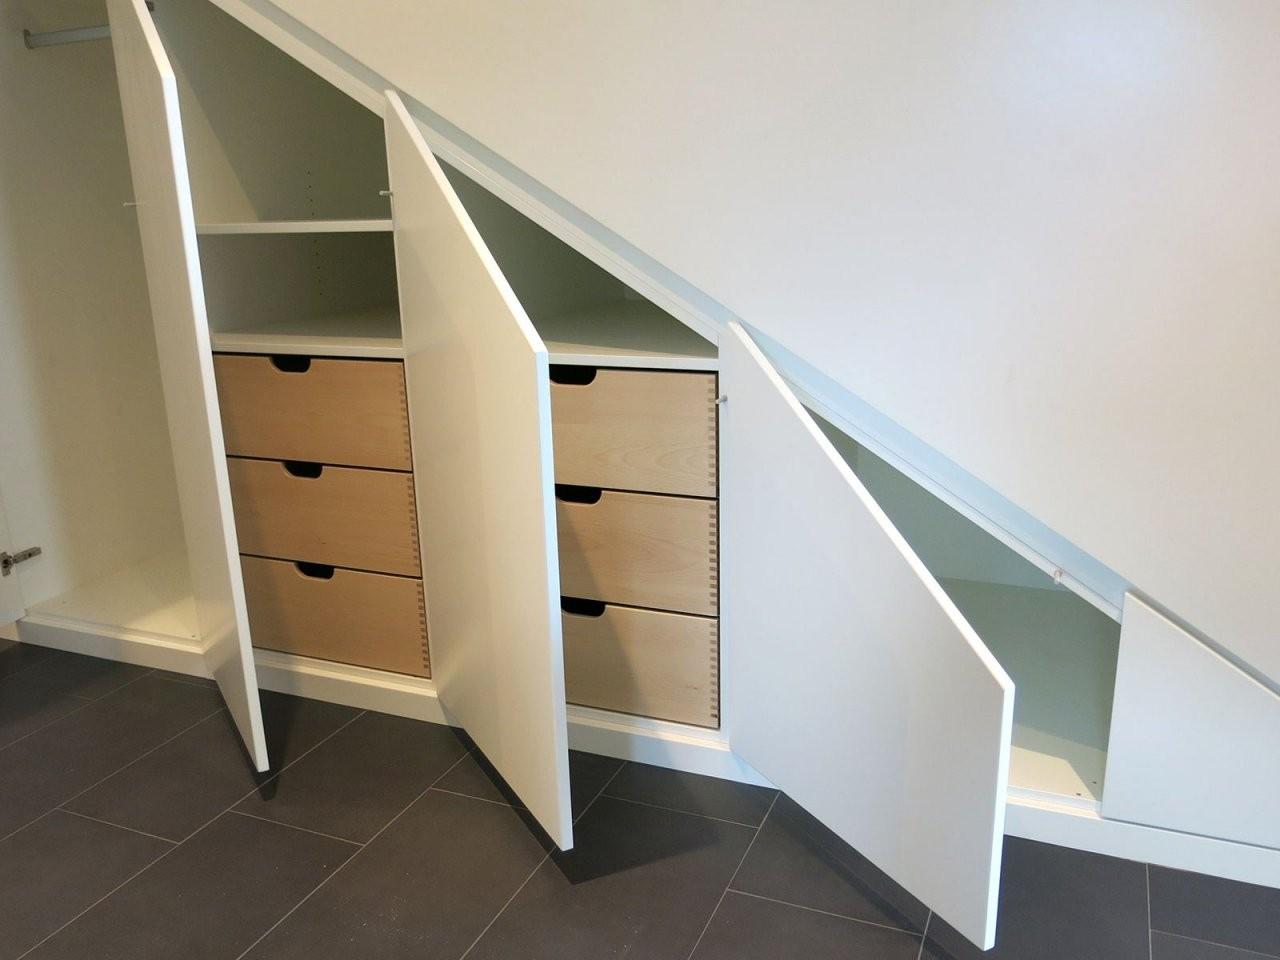 Einbauschrank Für Eine Dachschräge Oder Unter Der Treppe Gefertigt von Schrank Unter Der Treppe Bild